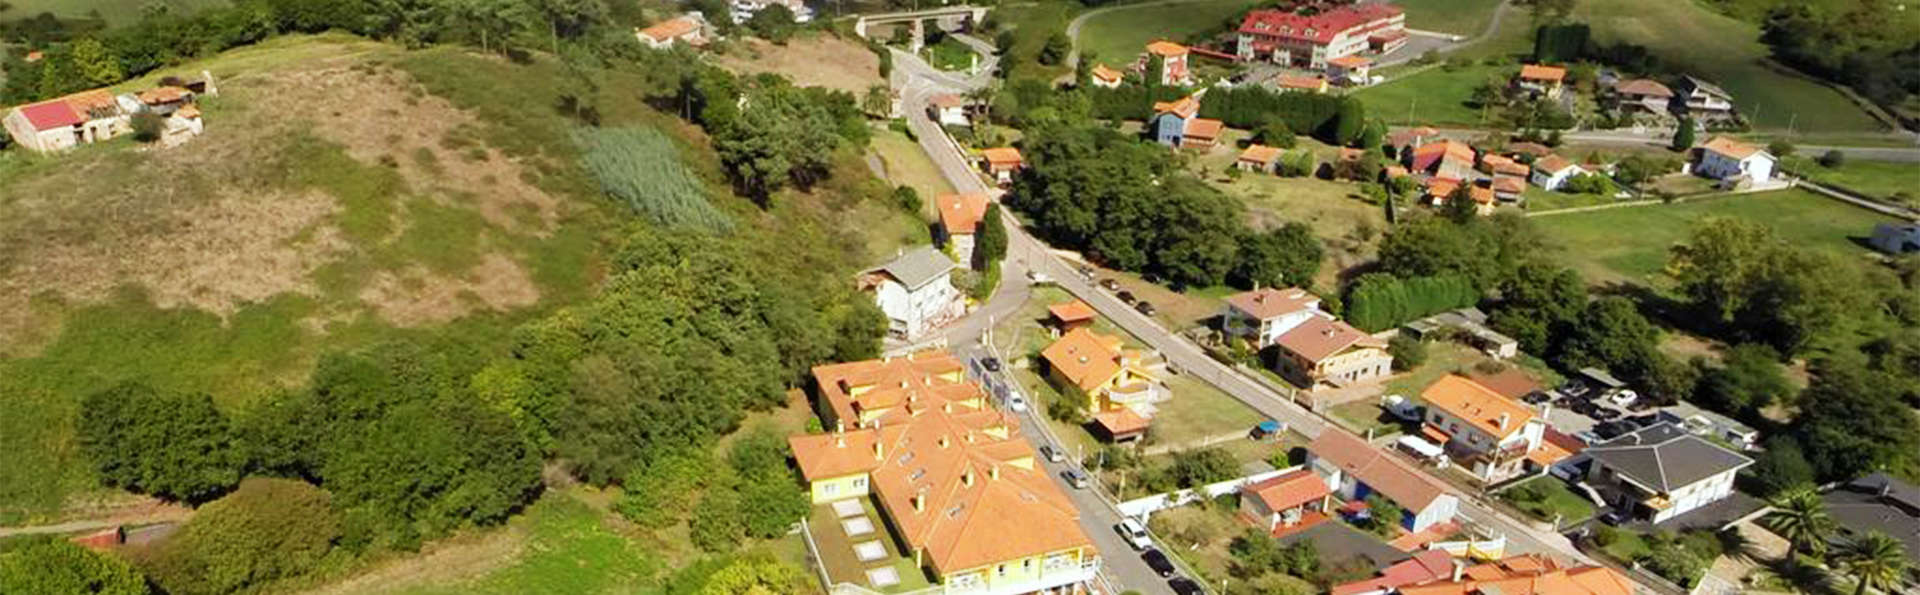 Hotel y Casona El Carmen - EDIT_view2.jpg